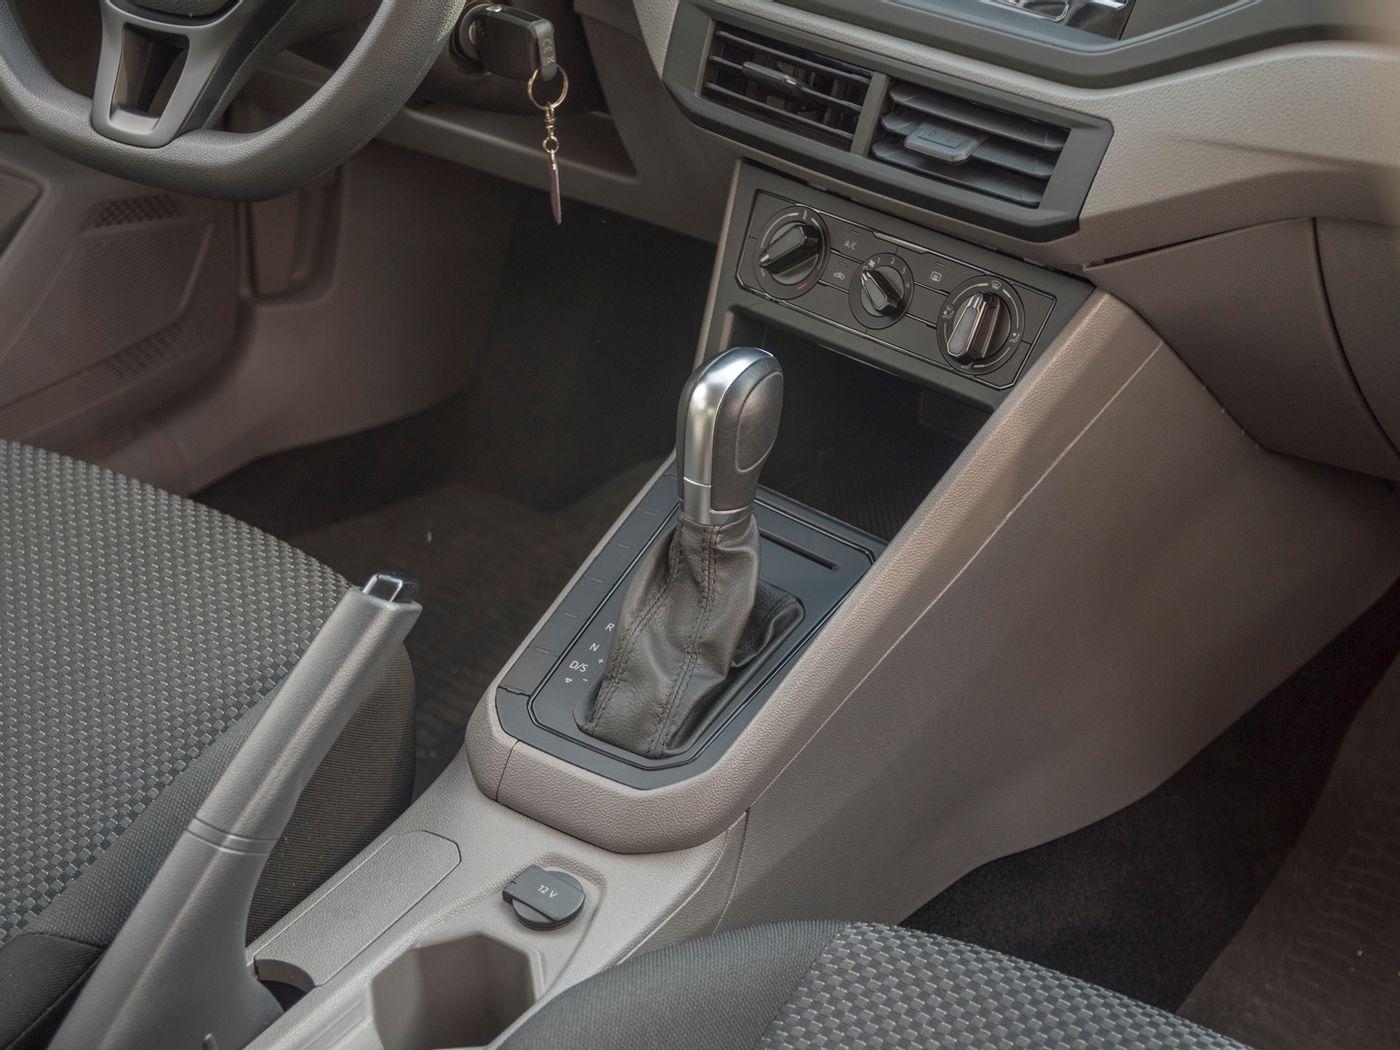 VolksWagen VIRTUS 1.6 MSI Flex 16V 4p Aut.